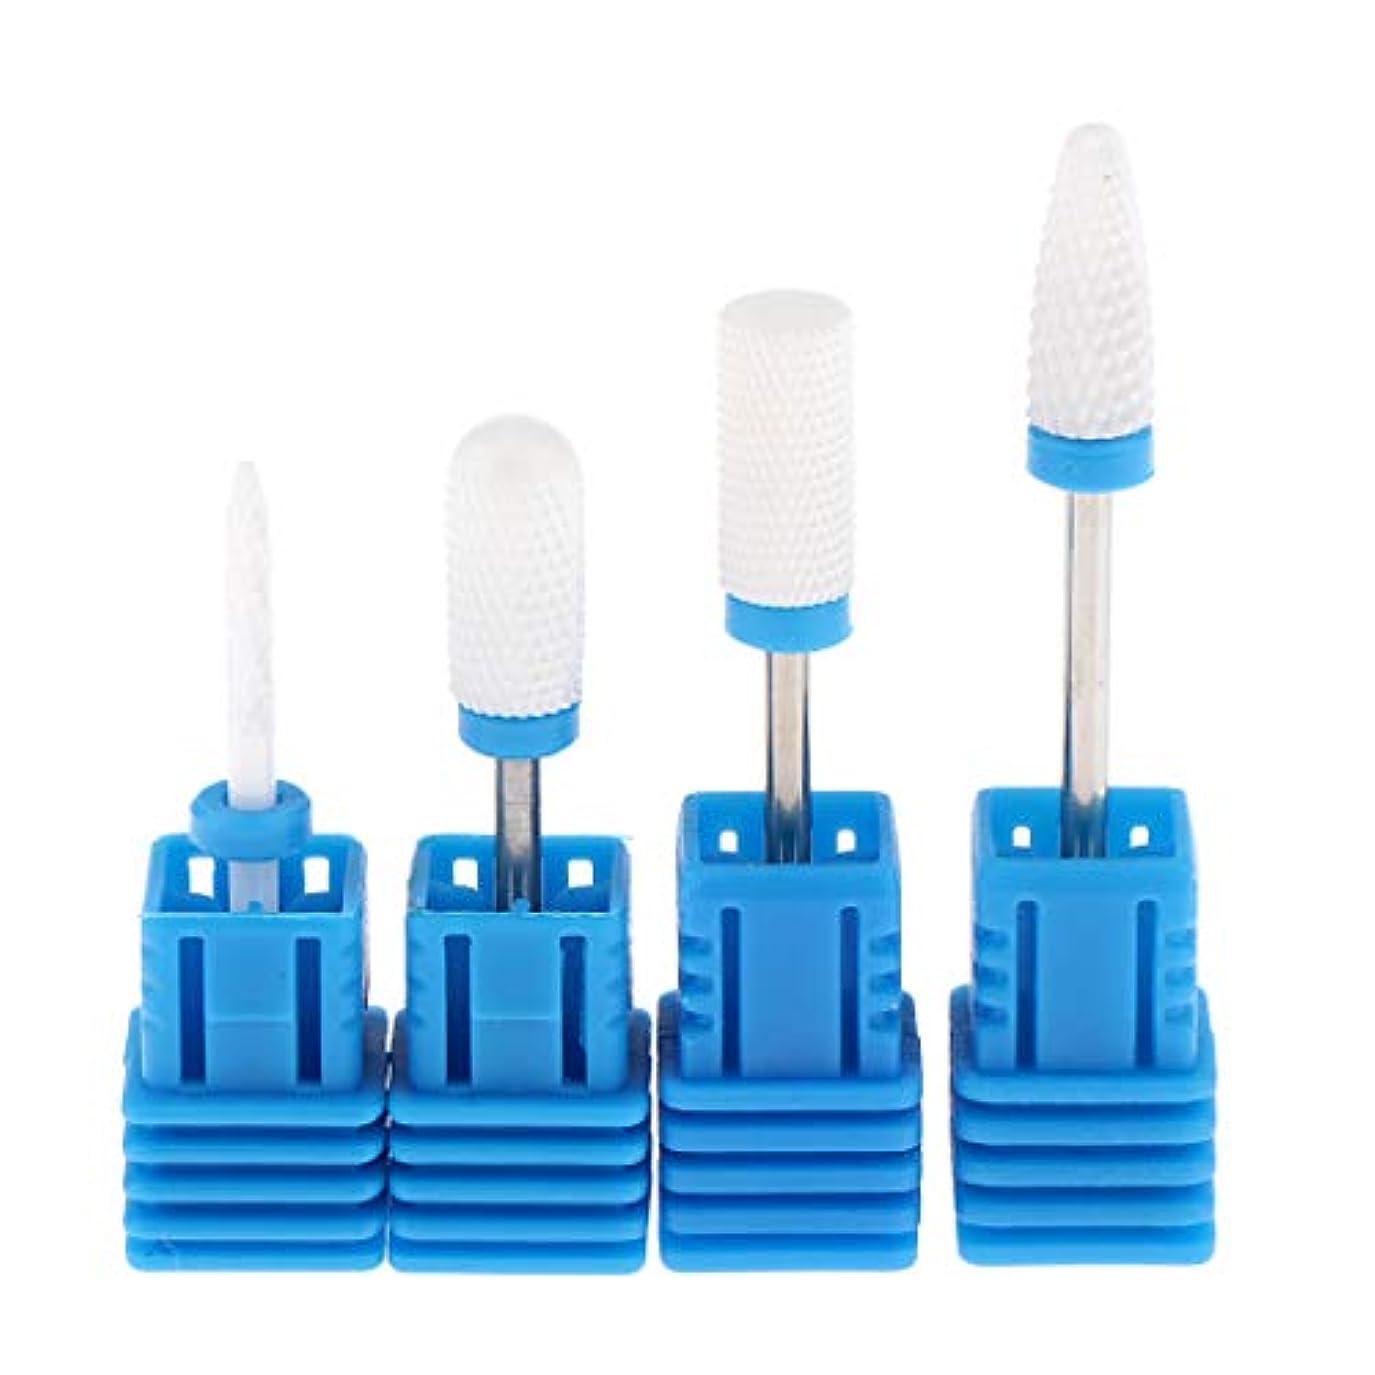 農奴今まで文化FLAMEER Nail Grinding Heads Tool Professional Nail Polishing Care Nail Art Care Nail Caring Tool